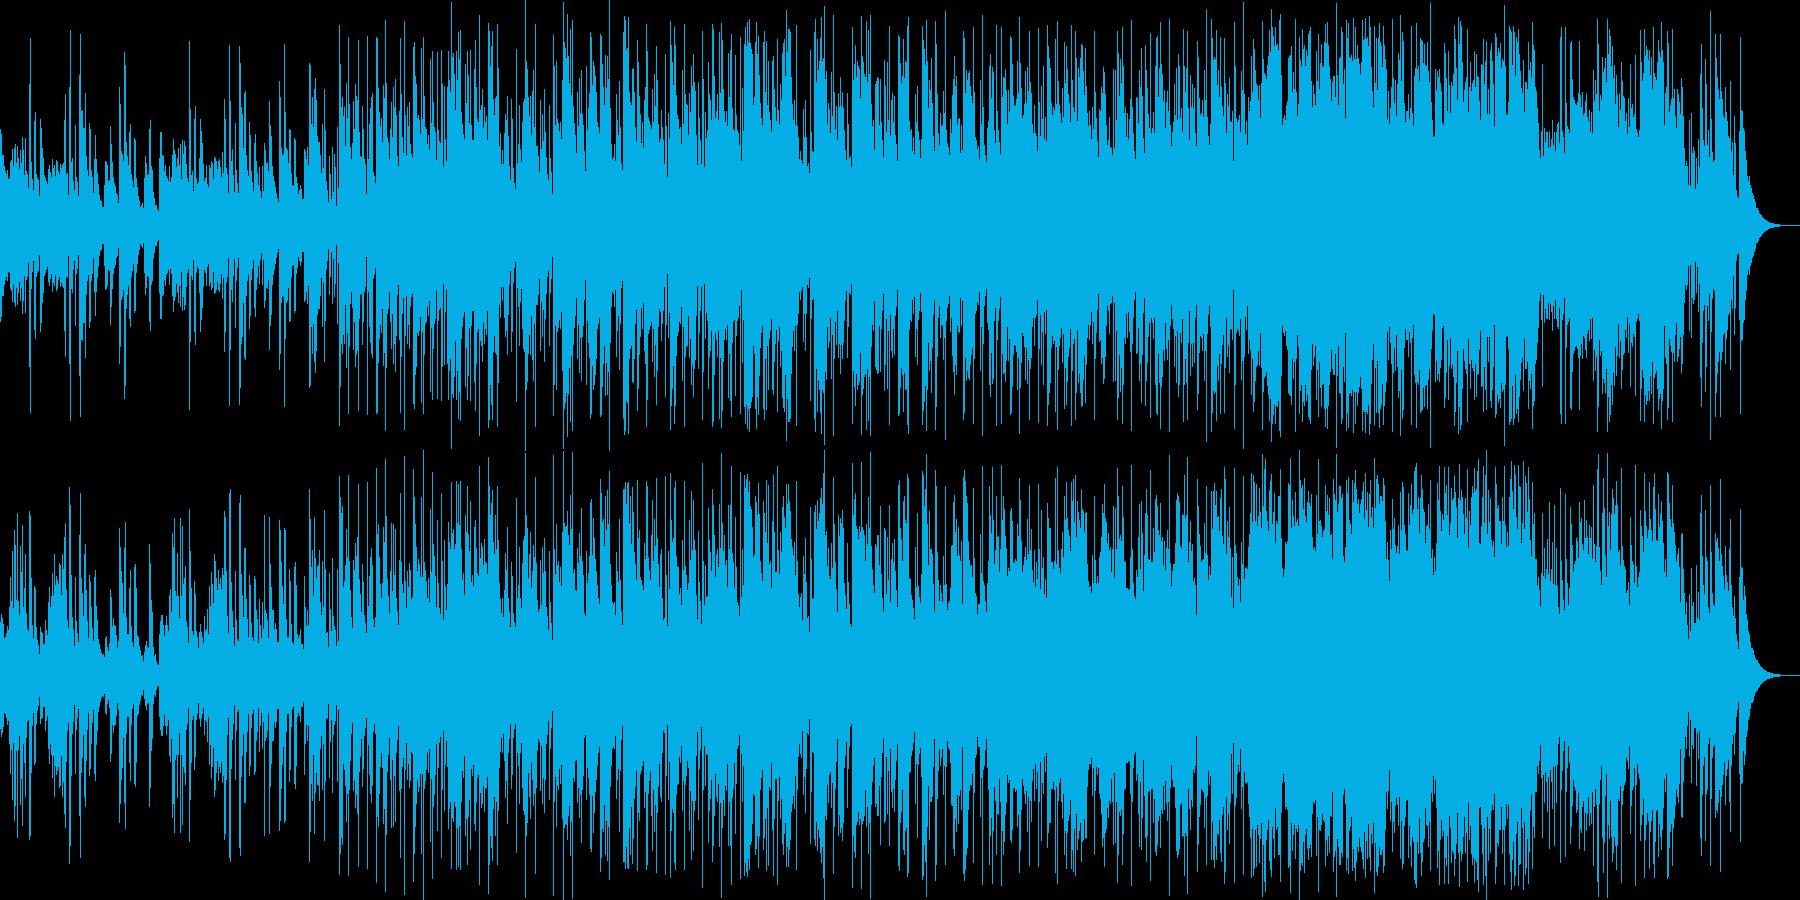 和楽器とスローグルーヴの心地よいコラボの再生済みの波形